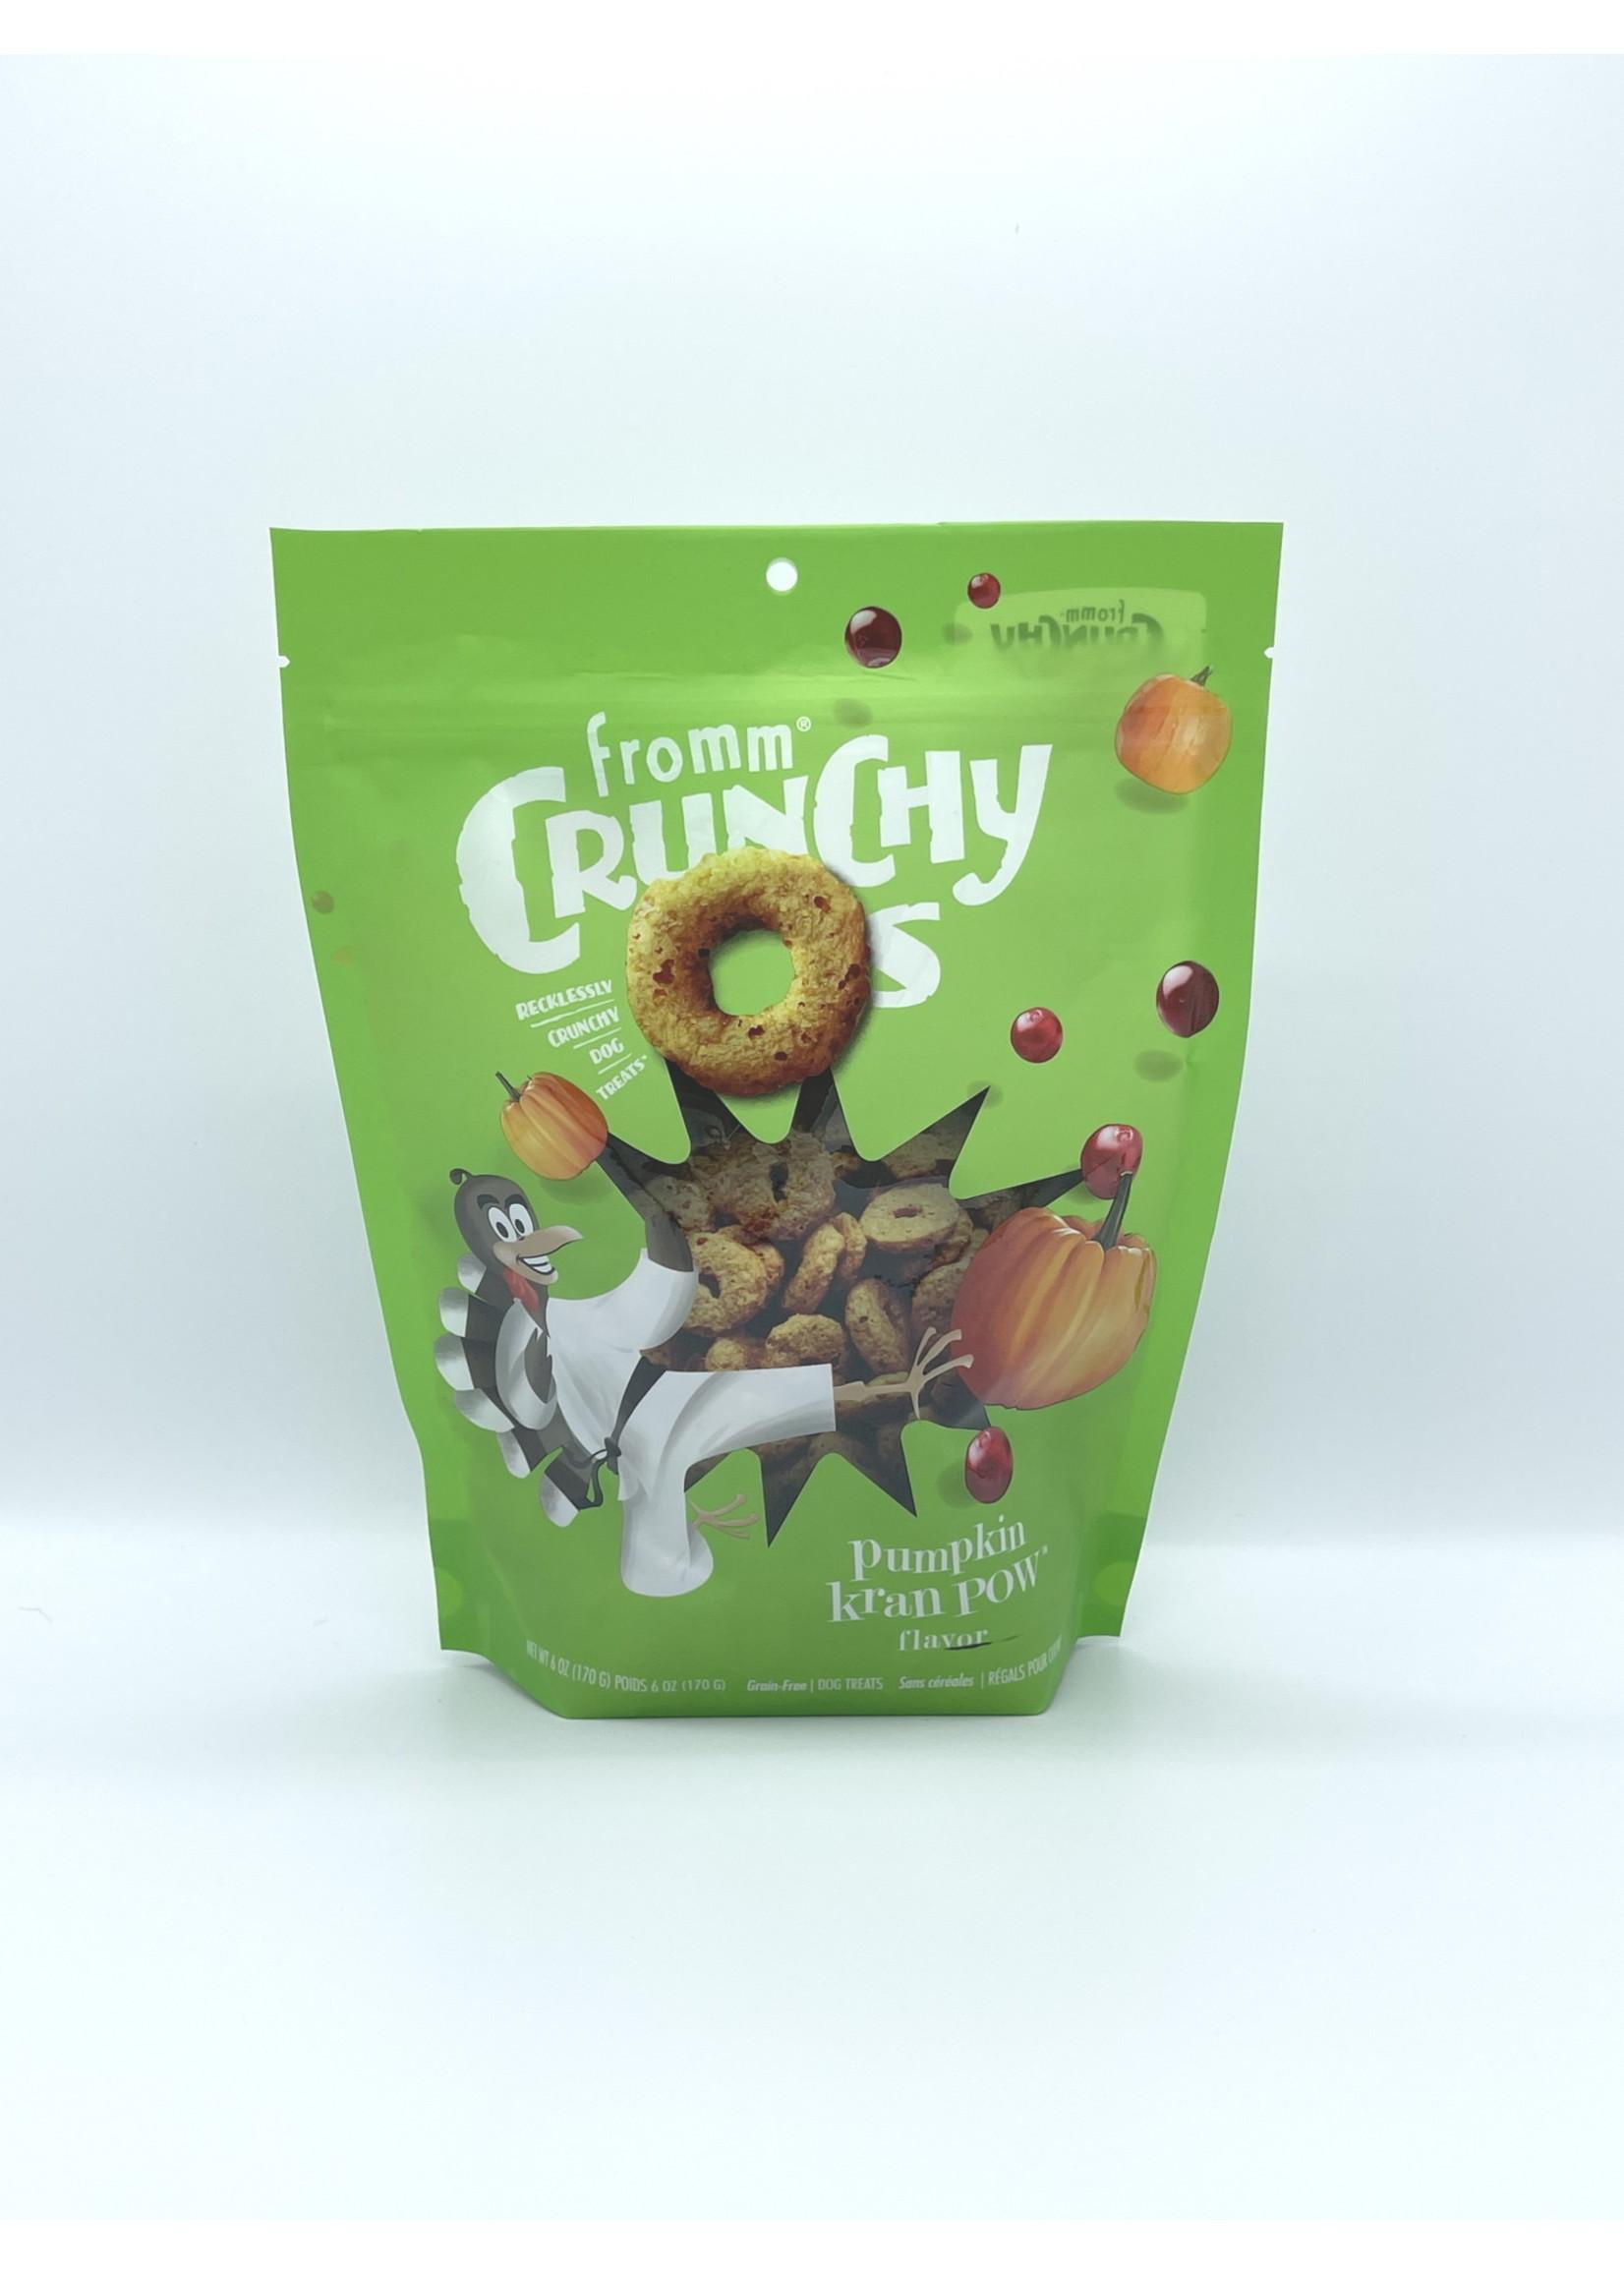 Fromm Fromm Crunchy O's Pumpkin Kran Pow, 6oz Bag